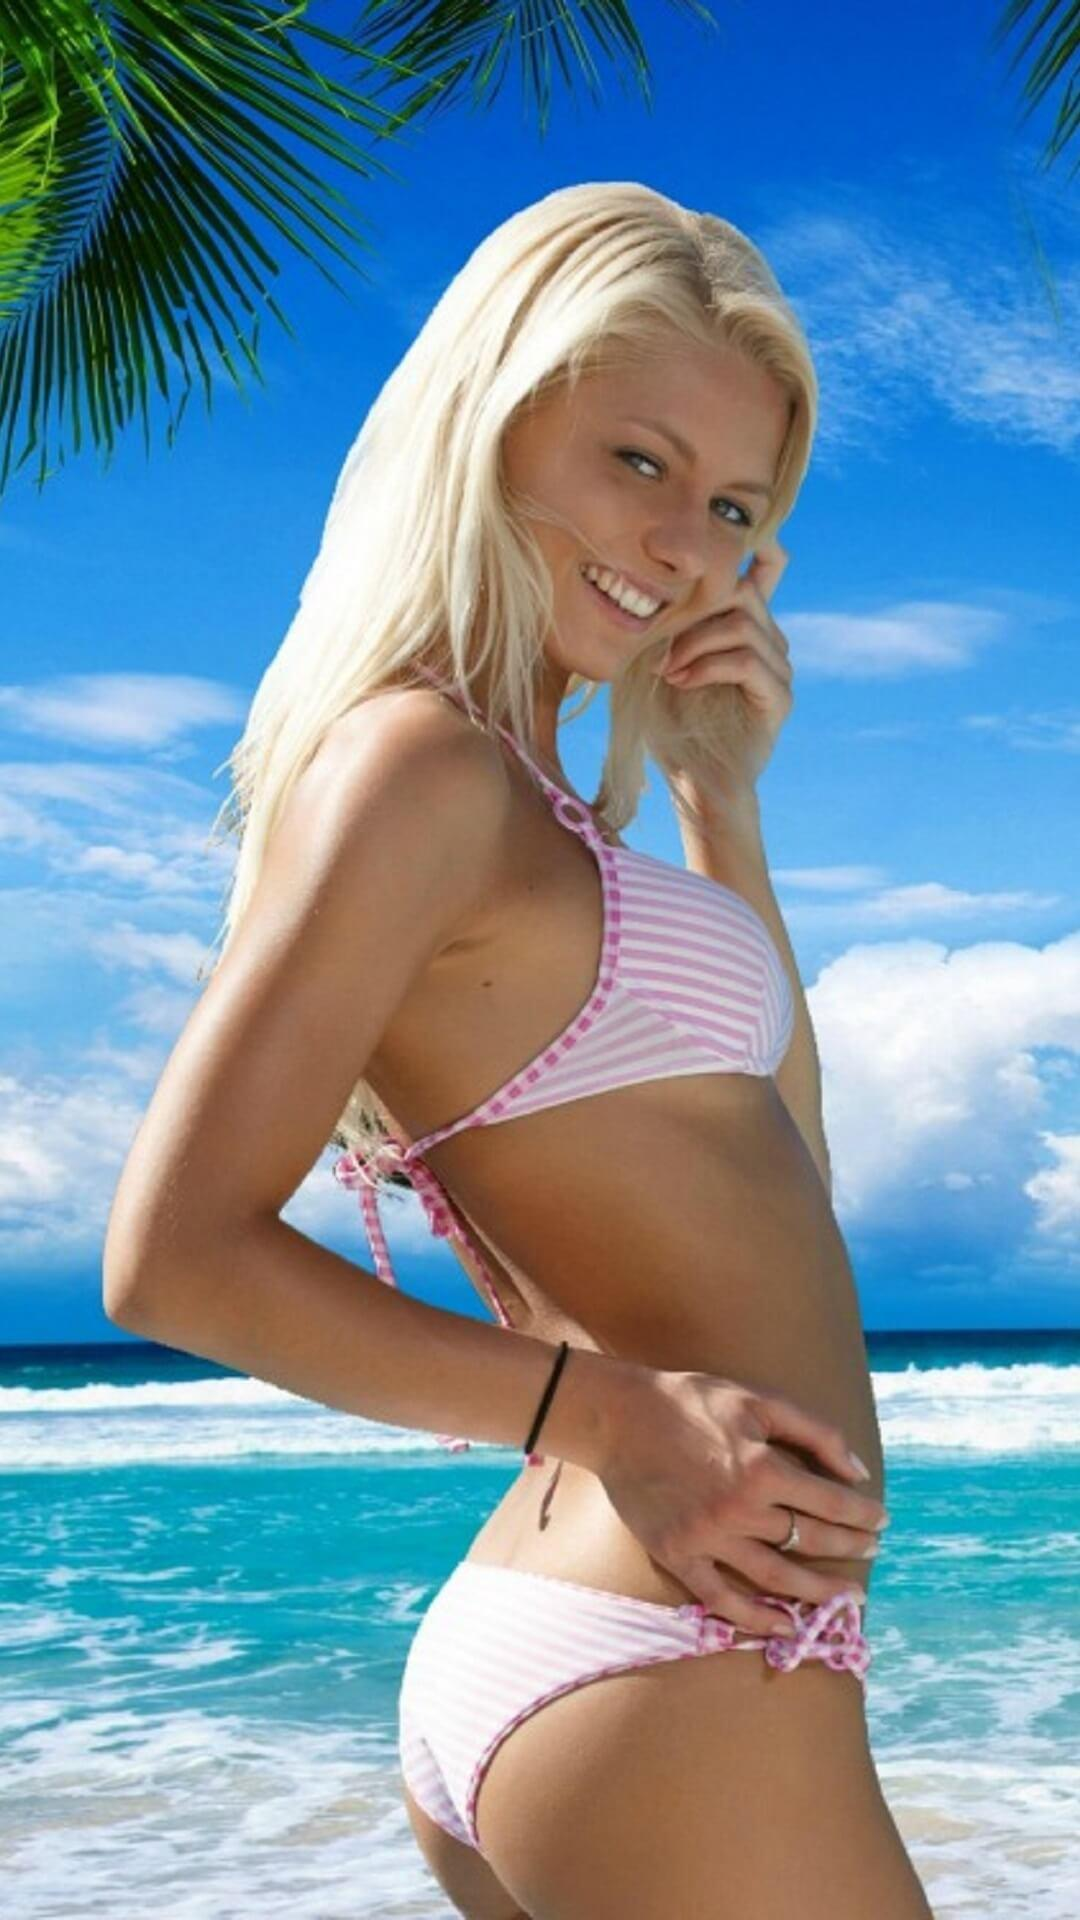 Heisse Bikini Girls